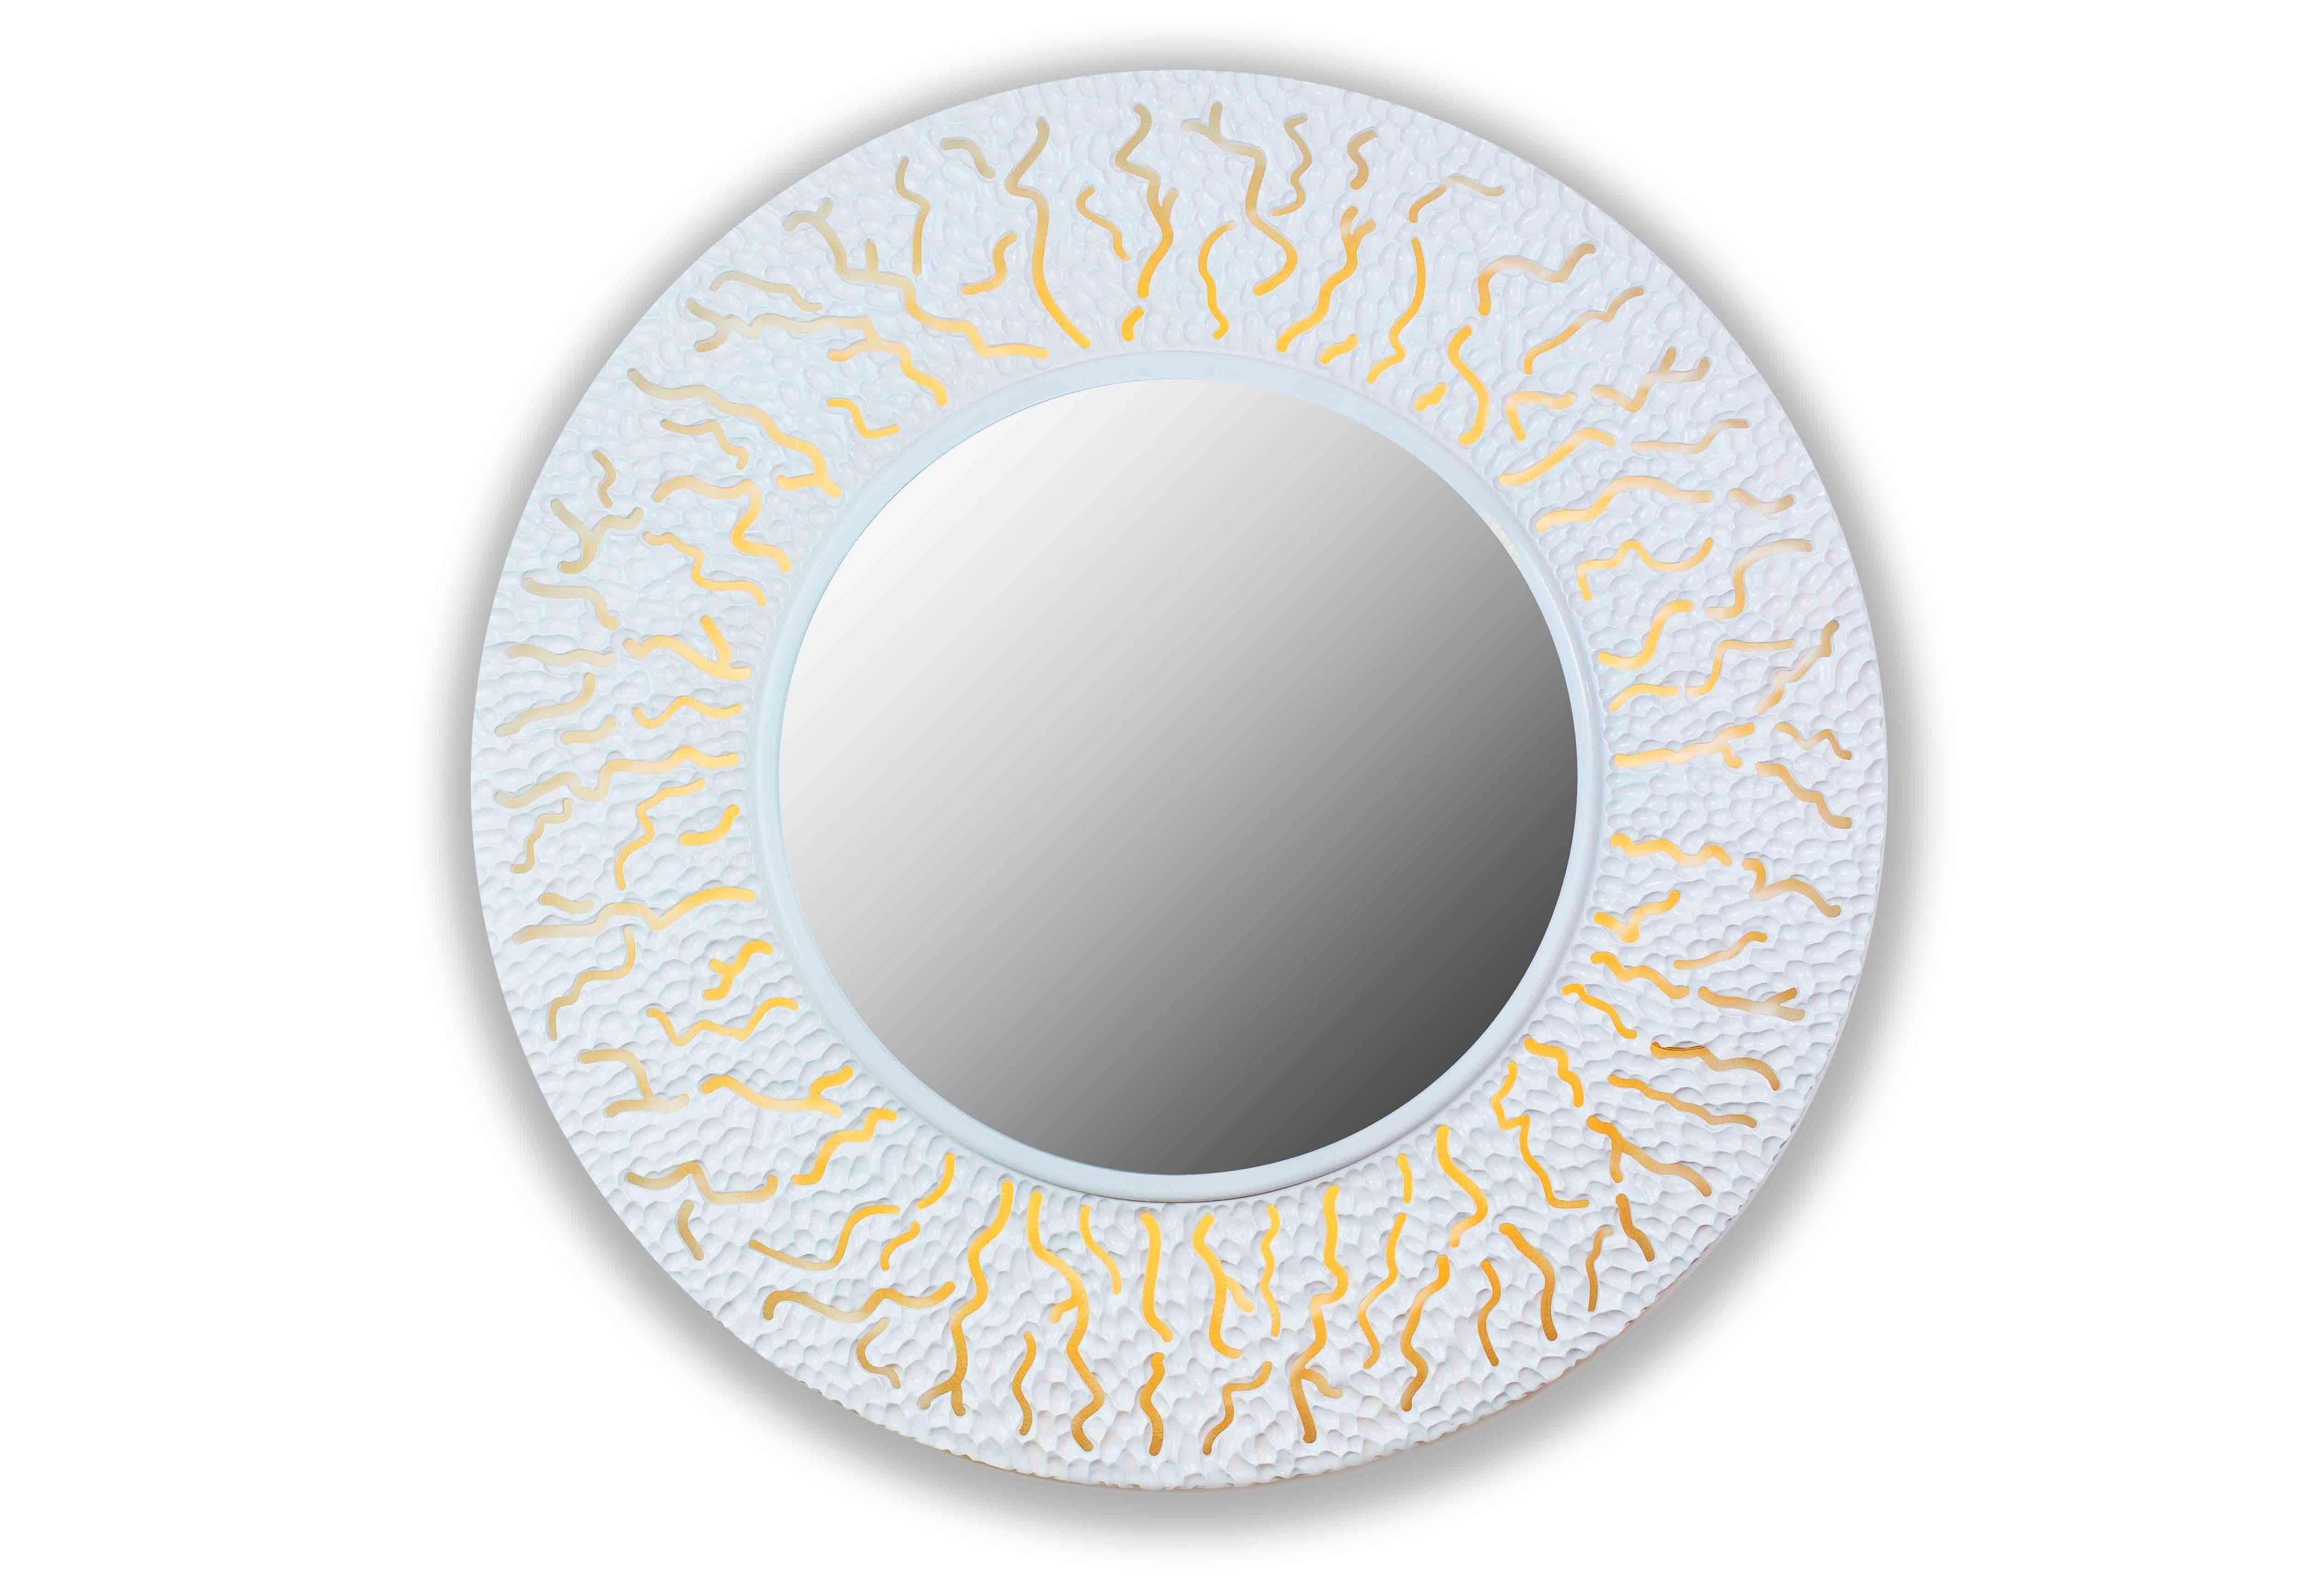 CoralНастенные зеркала<br>Из морских глубин к свету тянутся кружевные ветки кораллов,напоминая о том,что творчество и успех,сила и красота есть в каждом из нас.<br>                Описание: Форма круглая, вес 7 кг, 4 светодиодные лампочки, Натуральный древестный материал высокого качества, Ручная резка, Размер 99*99см, Толщина изделия 7см<br><br>Material: Дерево<br>Depth см: 0,8<br>Diameter см: 90